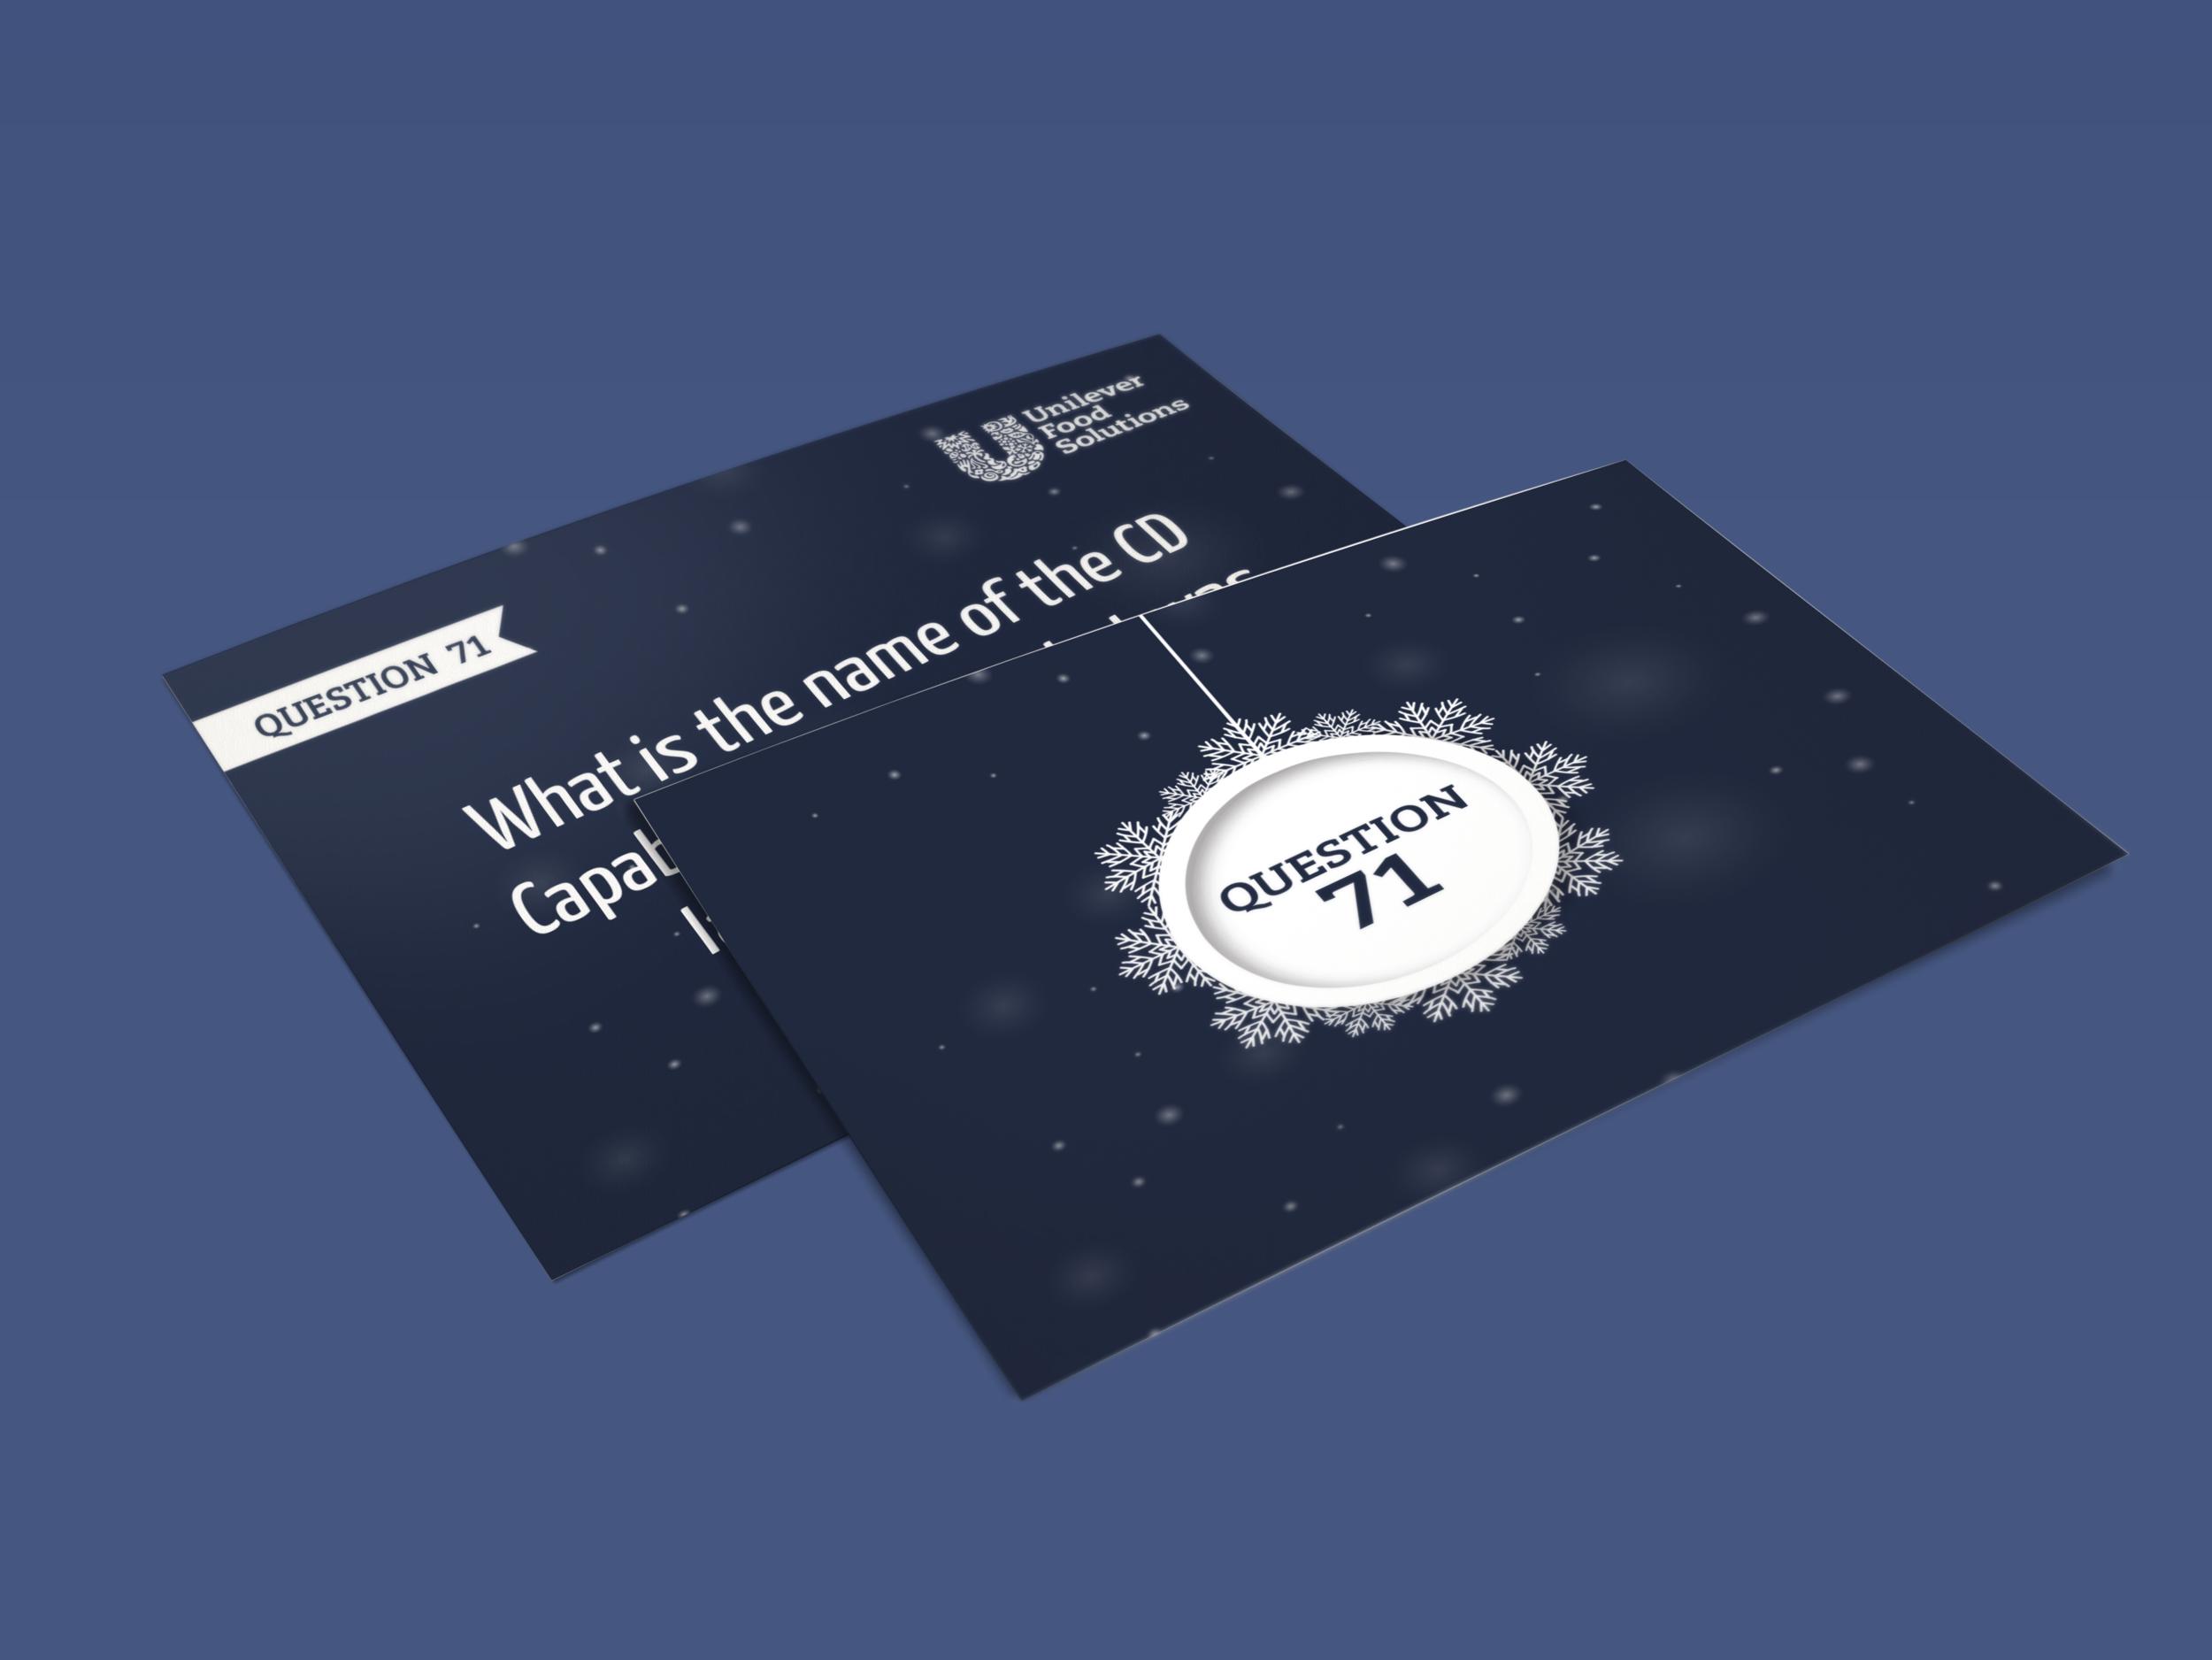 unilever-mockup-vragenkaarten-blauw.png